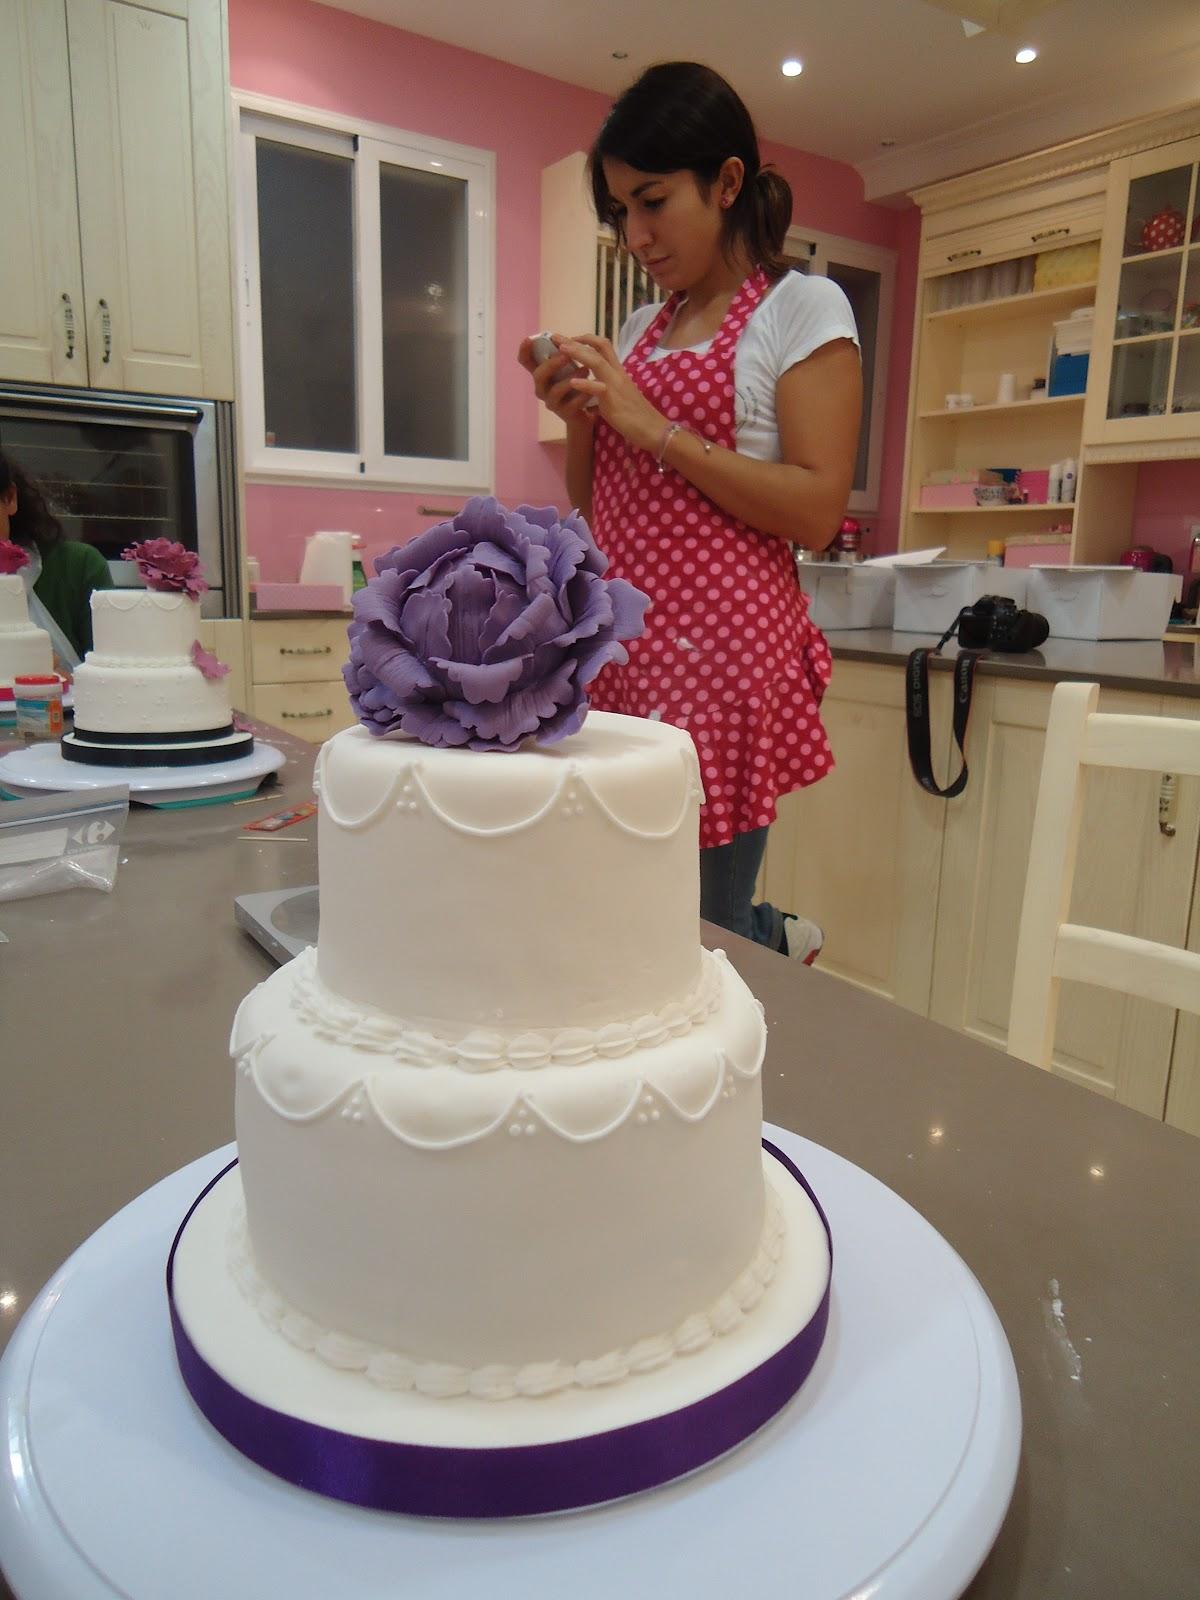 Las tentaciones de bego tarta de boda con alma obregon - Videos de alma obregon ...